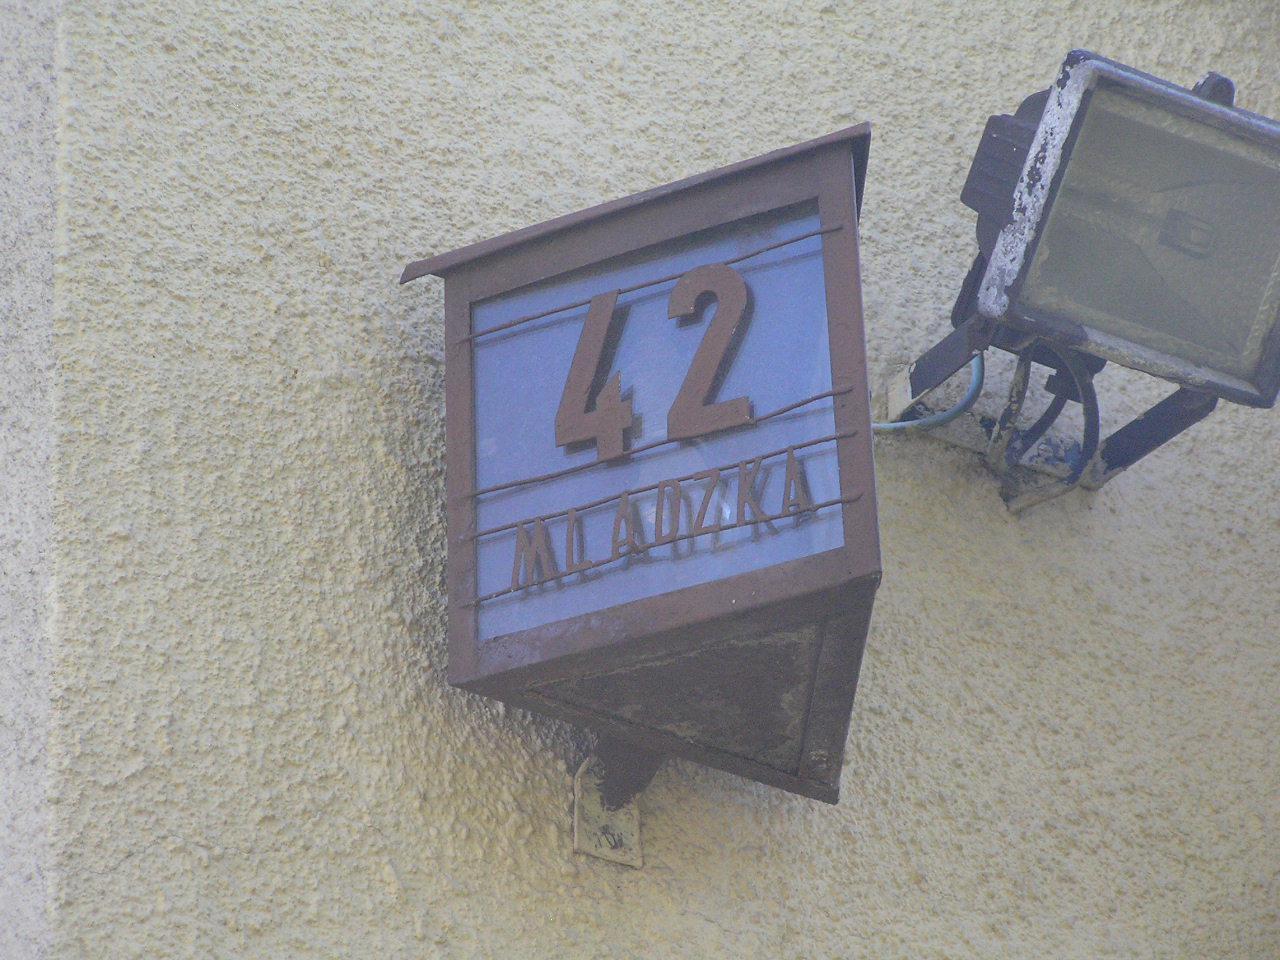 Latarenka adresowa - Mlądzka 42